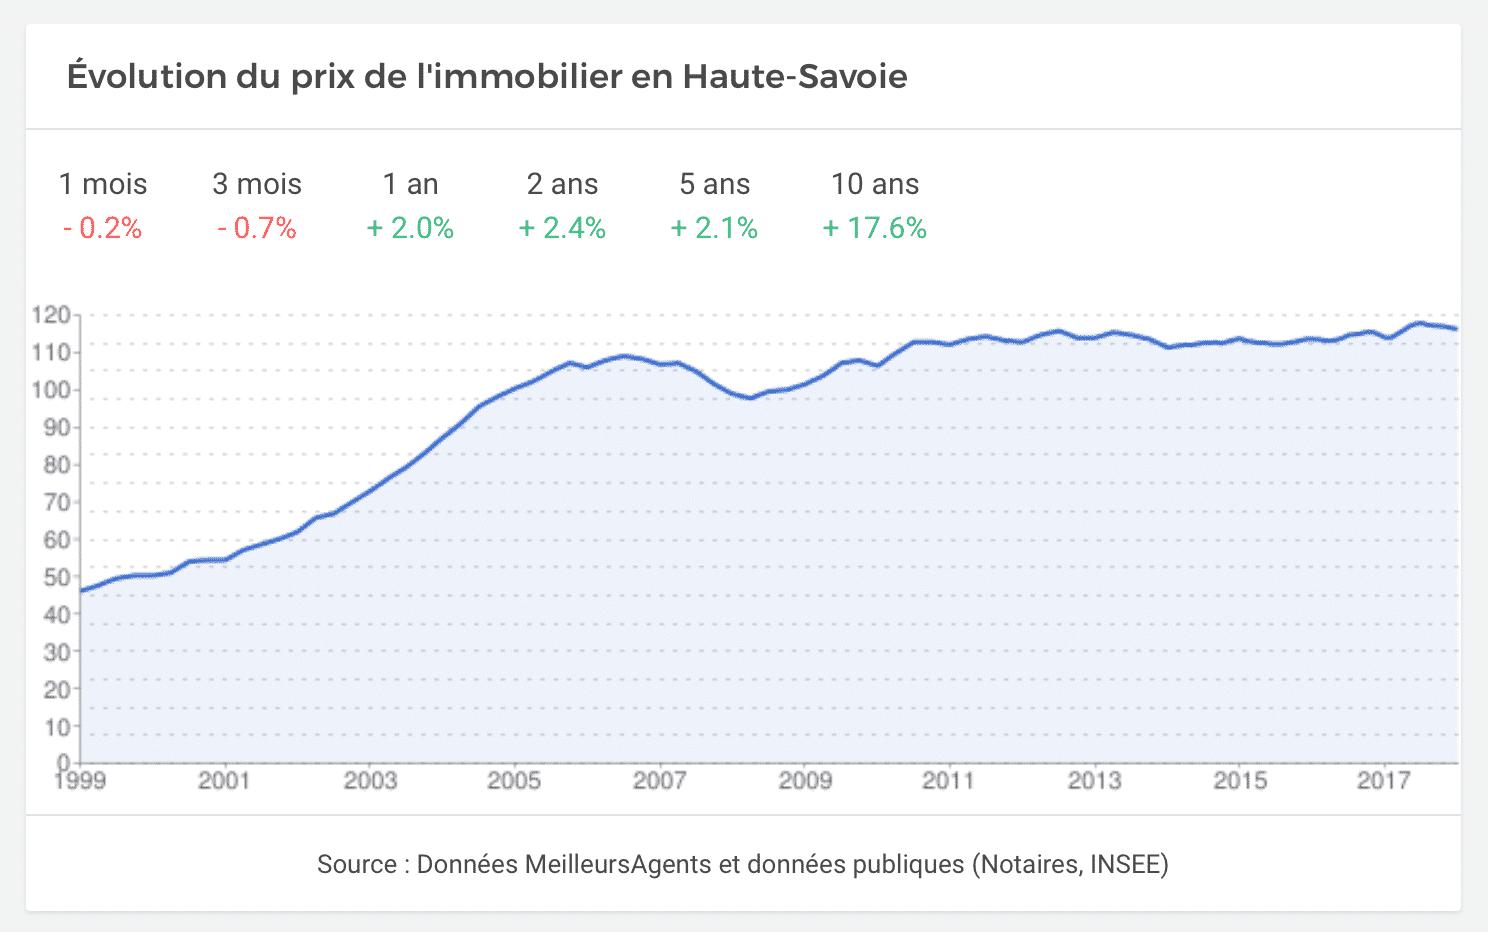 Evolution du prix de l'immobilier en Haute-Savoie